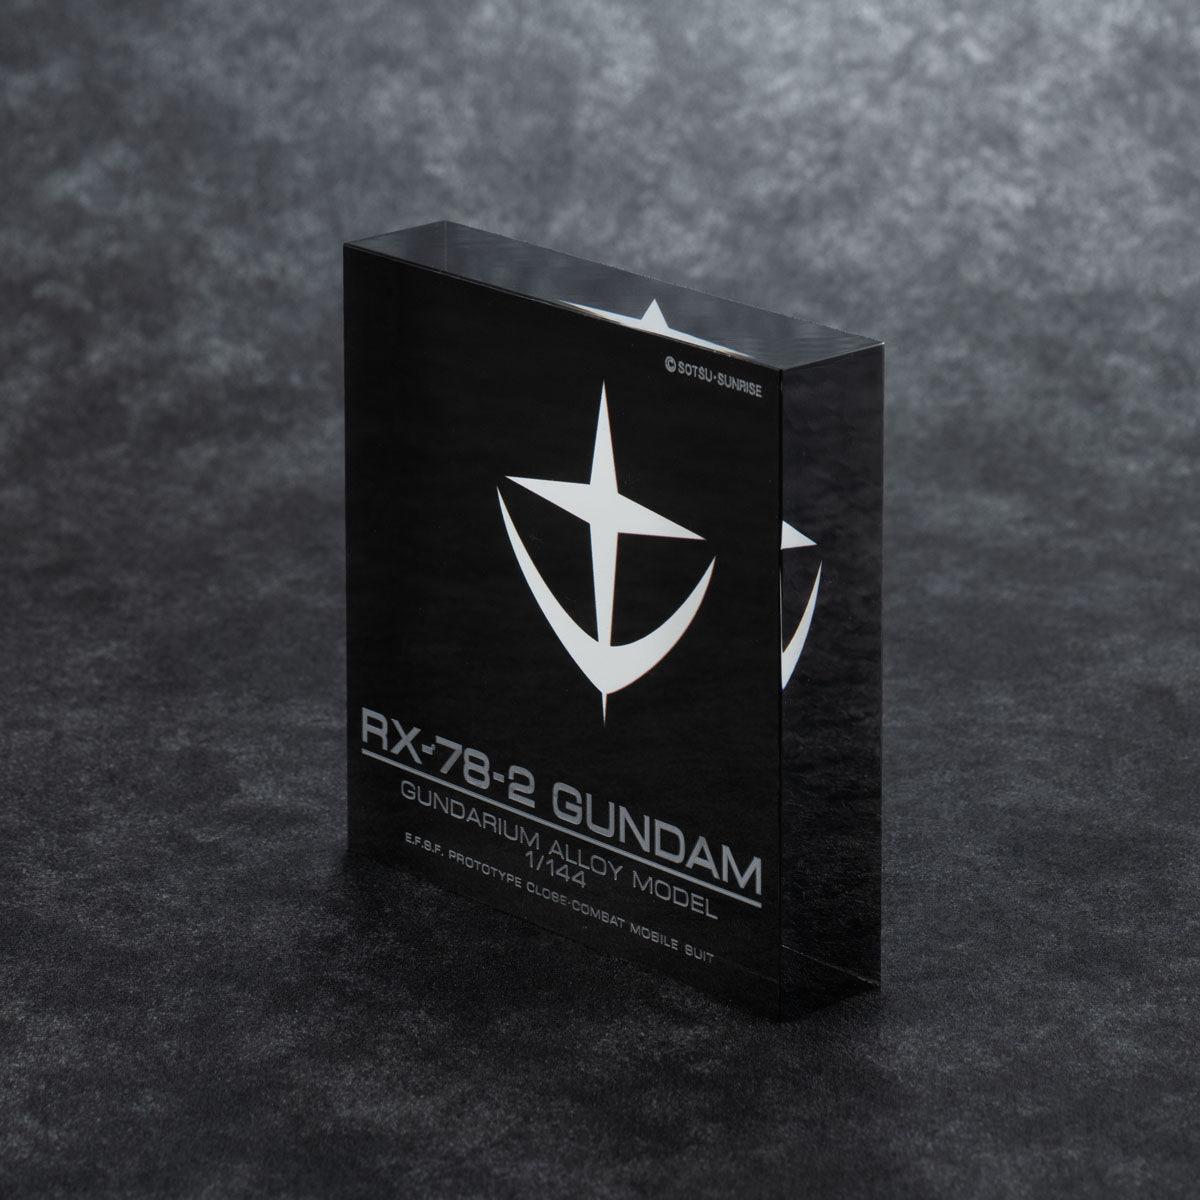 【限定販売】【再販】ガンダリウム合金モデル『RX-78-2 ガンダム』1/144 合金モデル-002